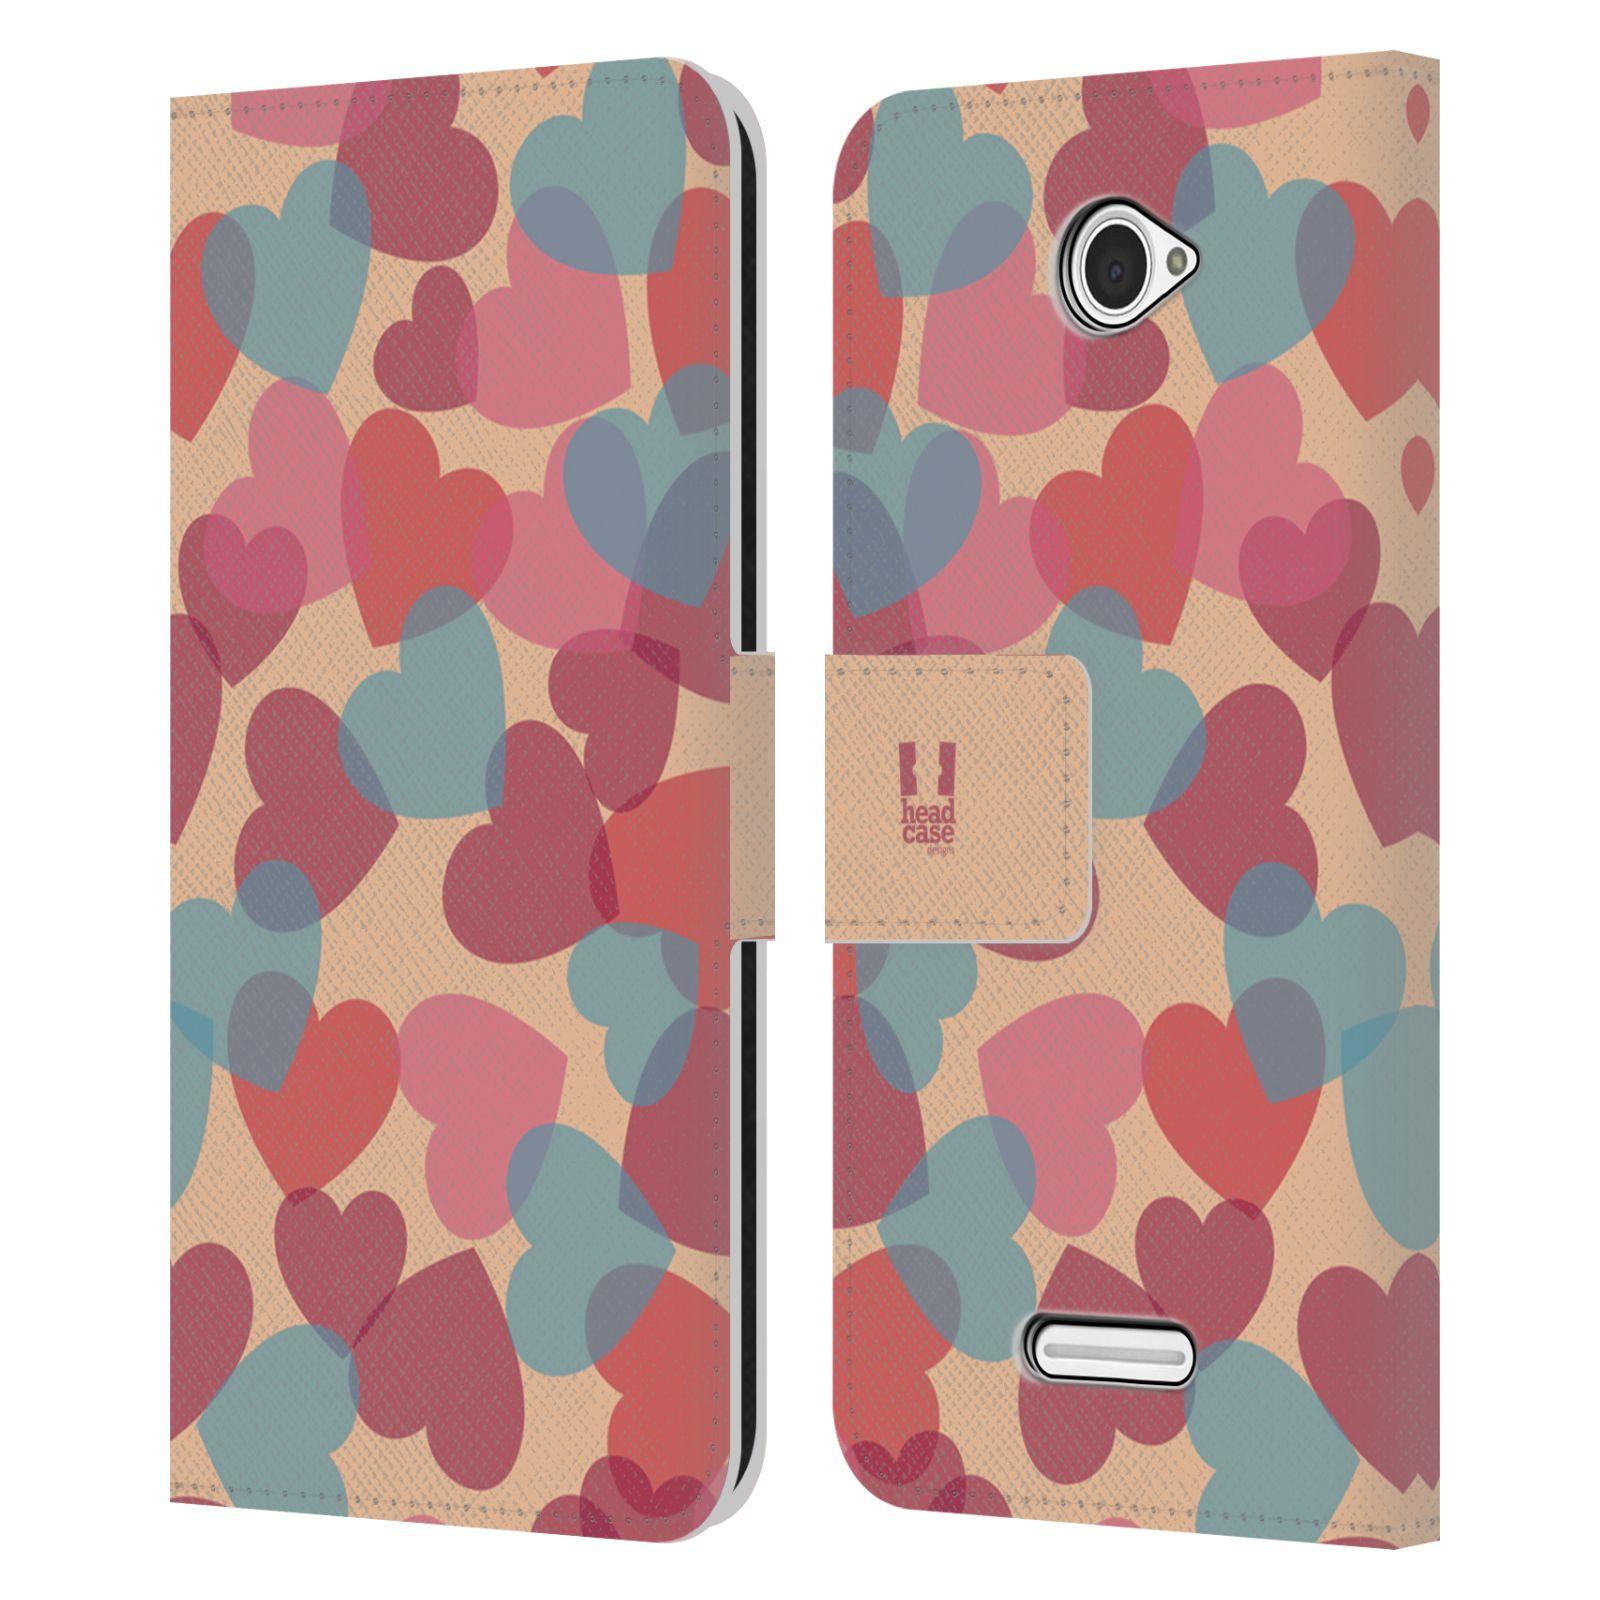 HEAD CASE Flipové pouzdro pro mobil SONY XPERIA E4 vzor prolínající se srdíčka, srdce, láska, růžová